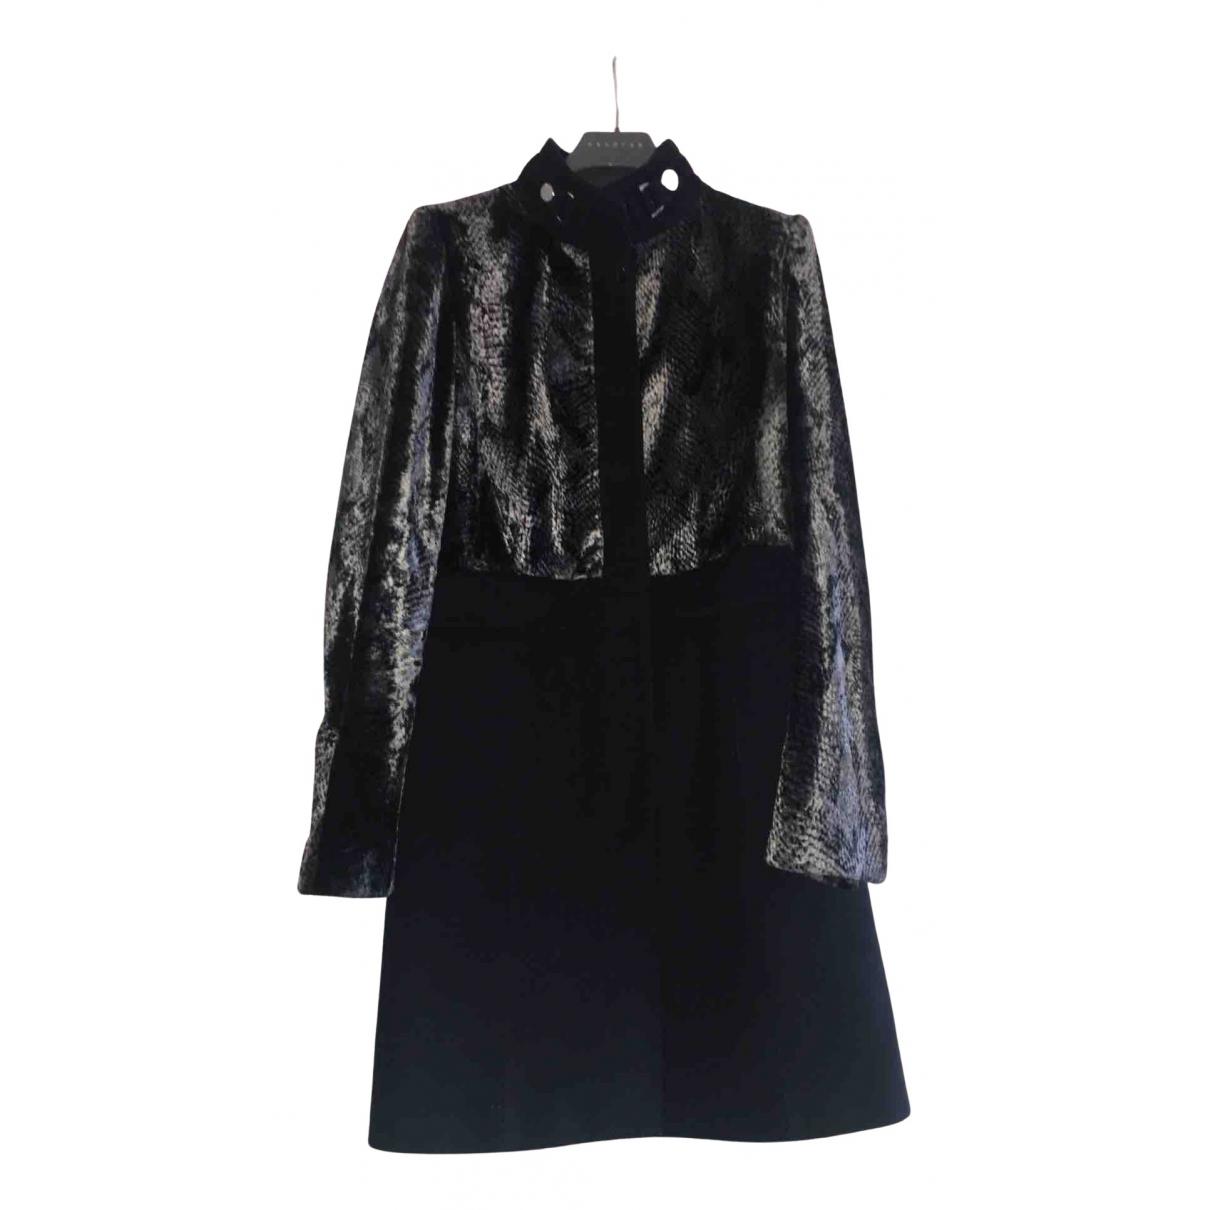 Karen Millen N Black Wool coat for Women 12 UK